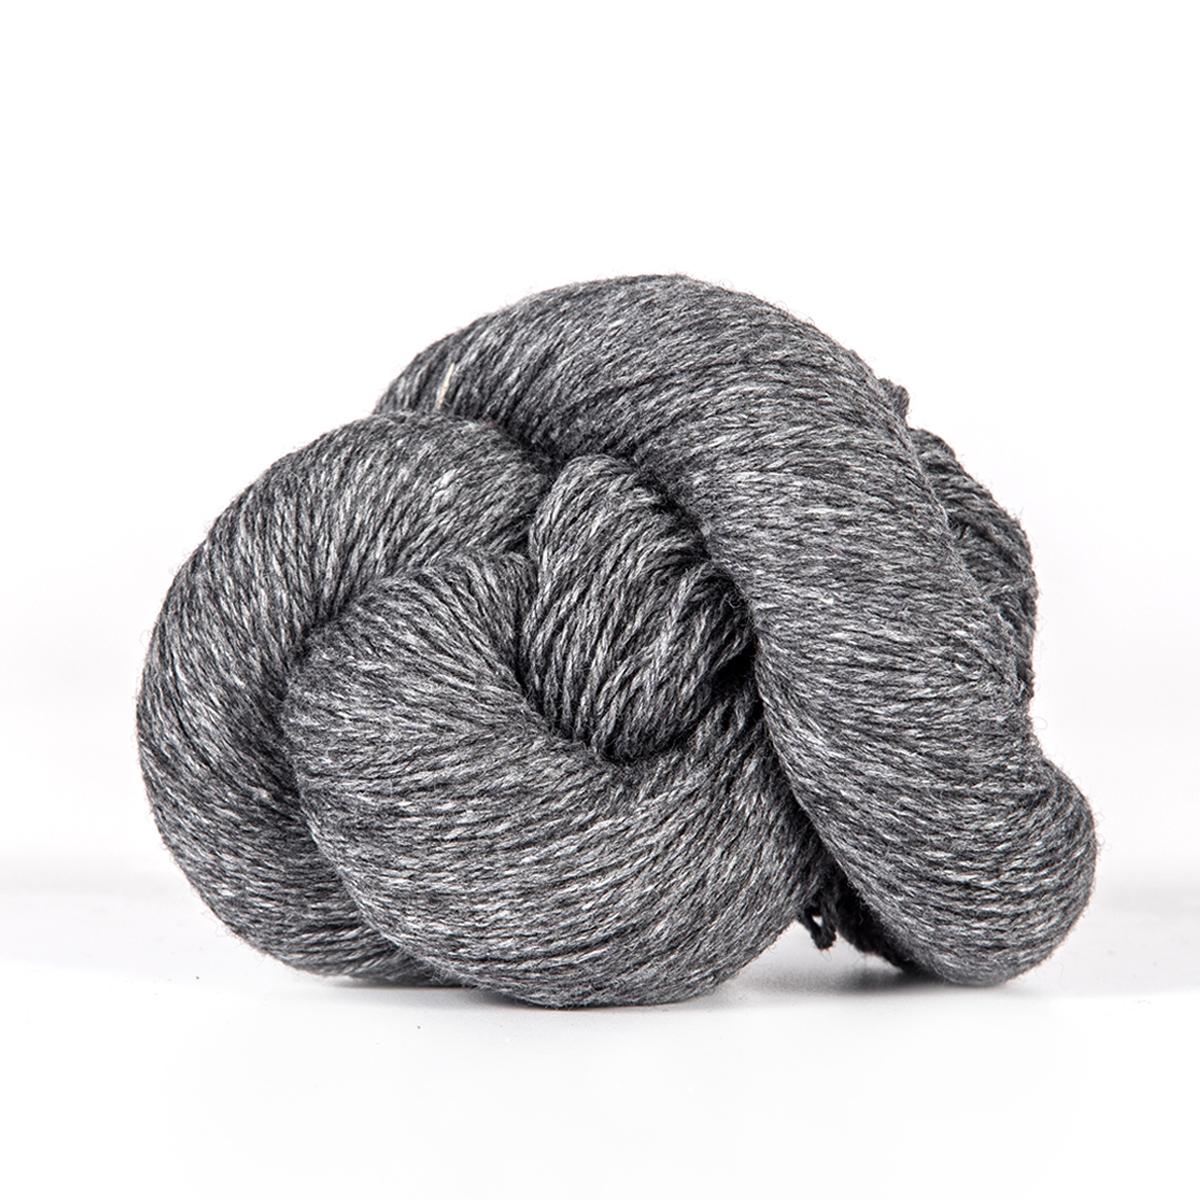 Acadia Yarn